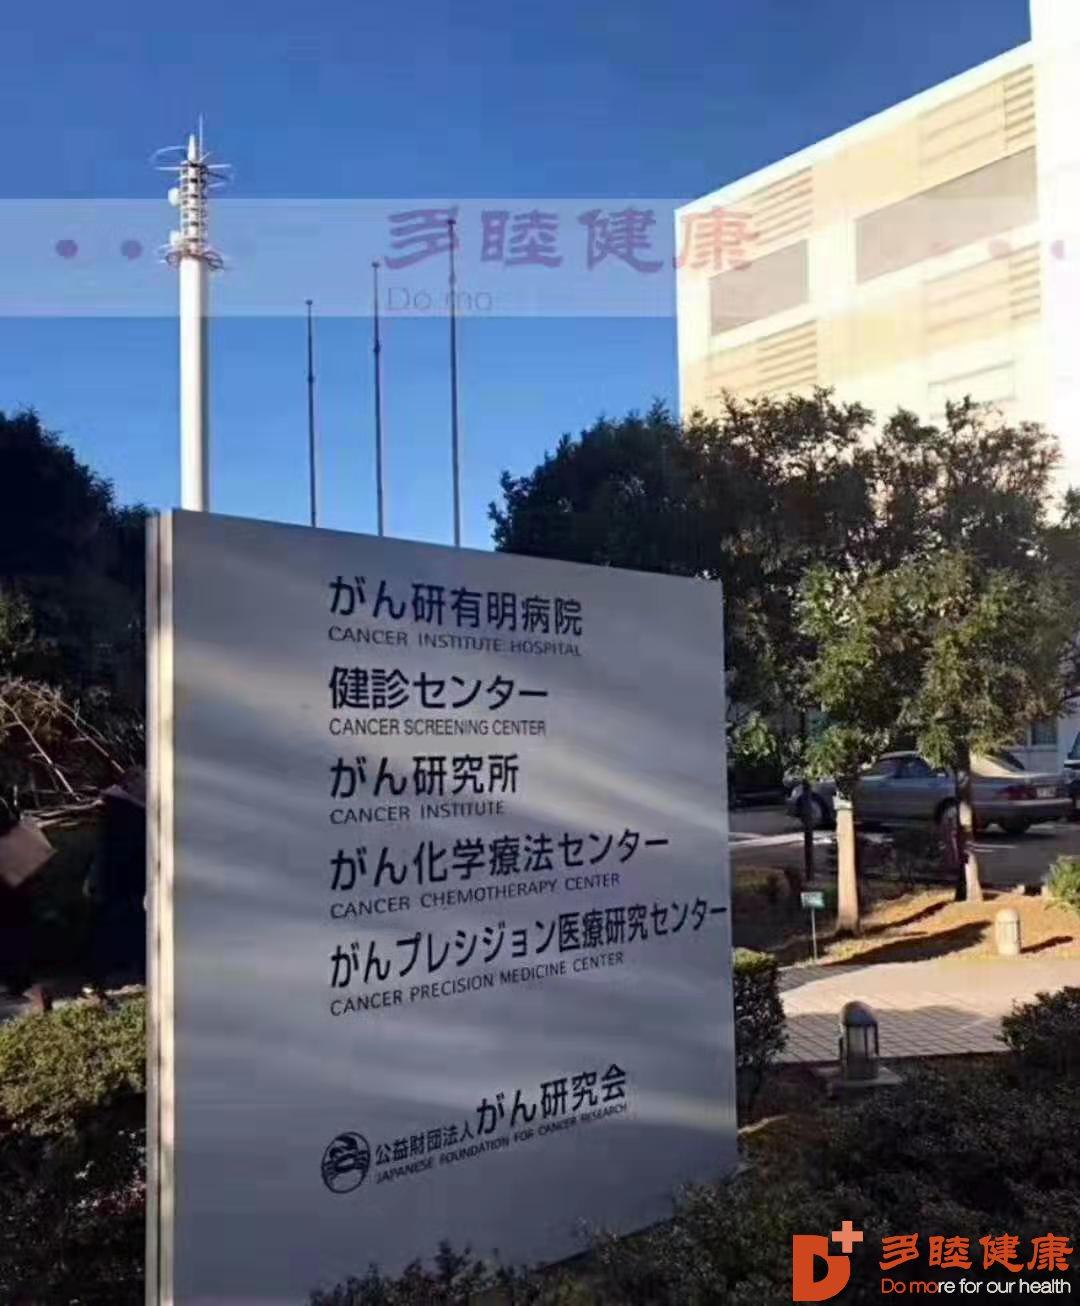 赴日体检:中国医生眼中的日本医院,看完就明白为什么日本医疗水平全球第一